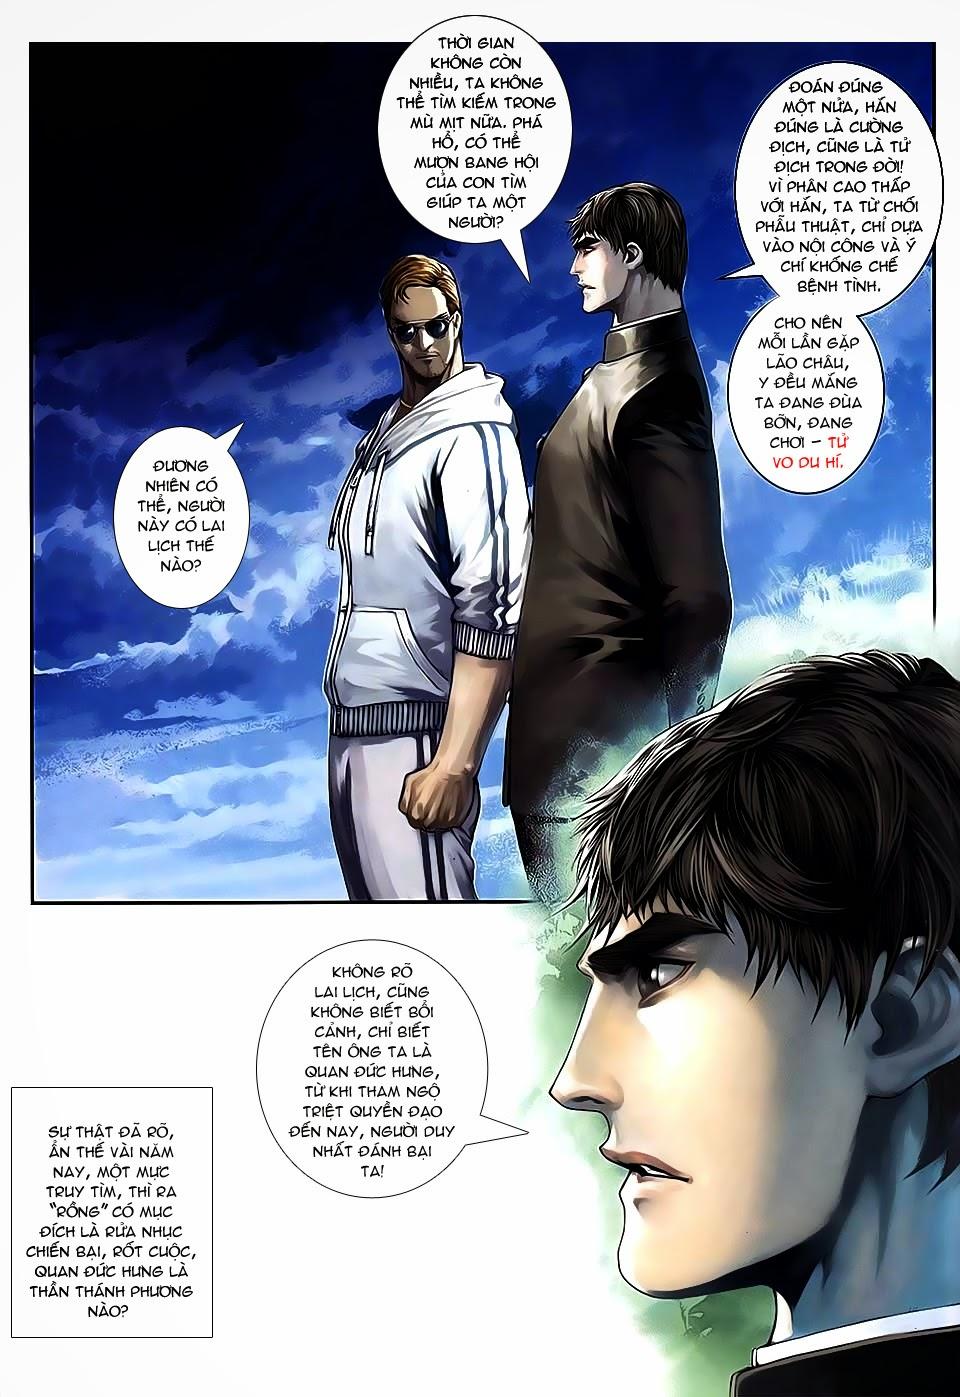 Quyền Đạo chapter 9 trang 5